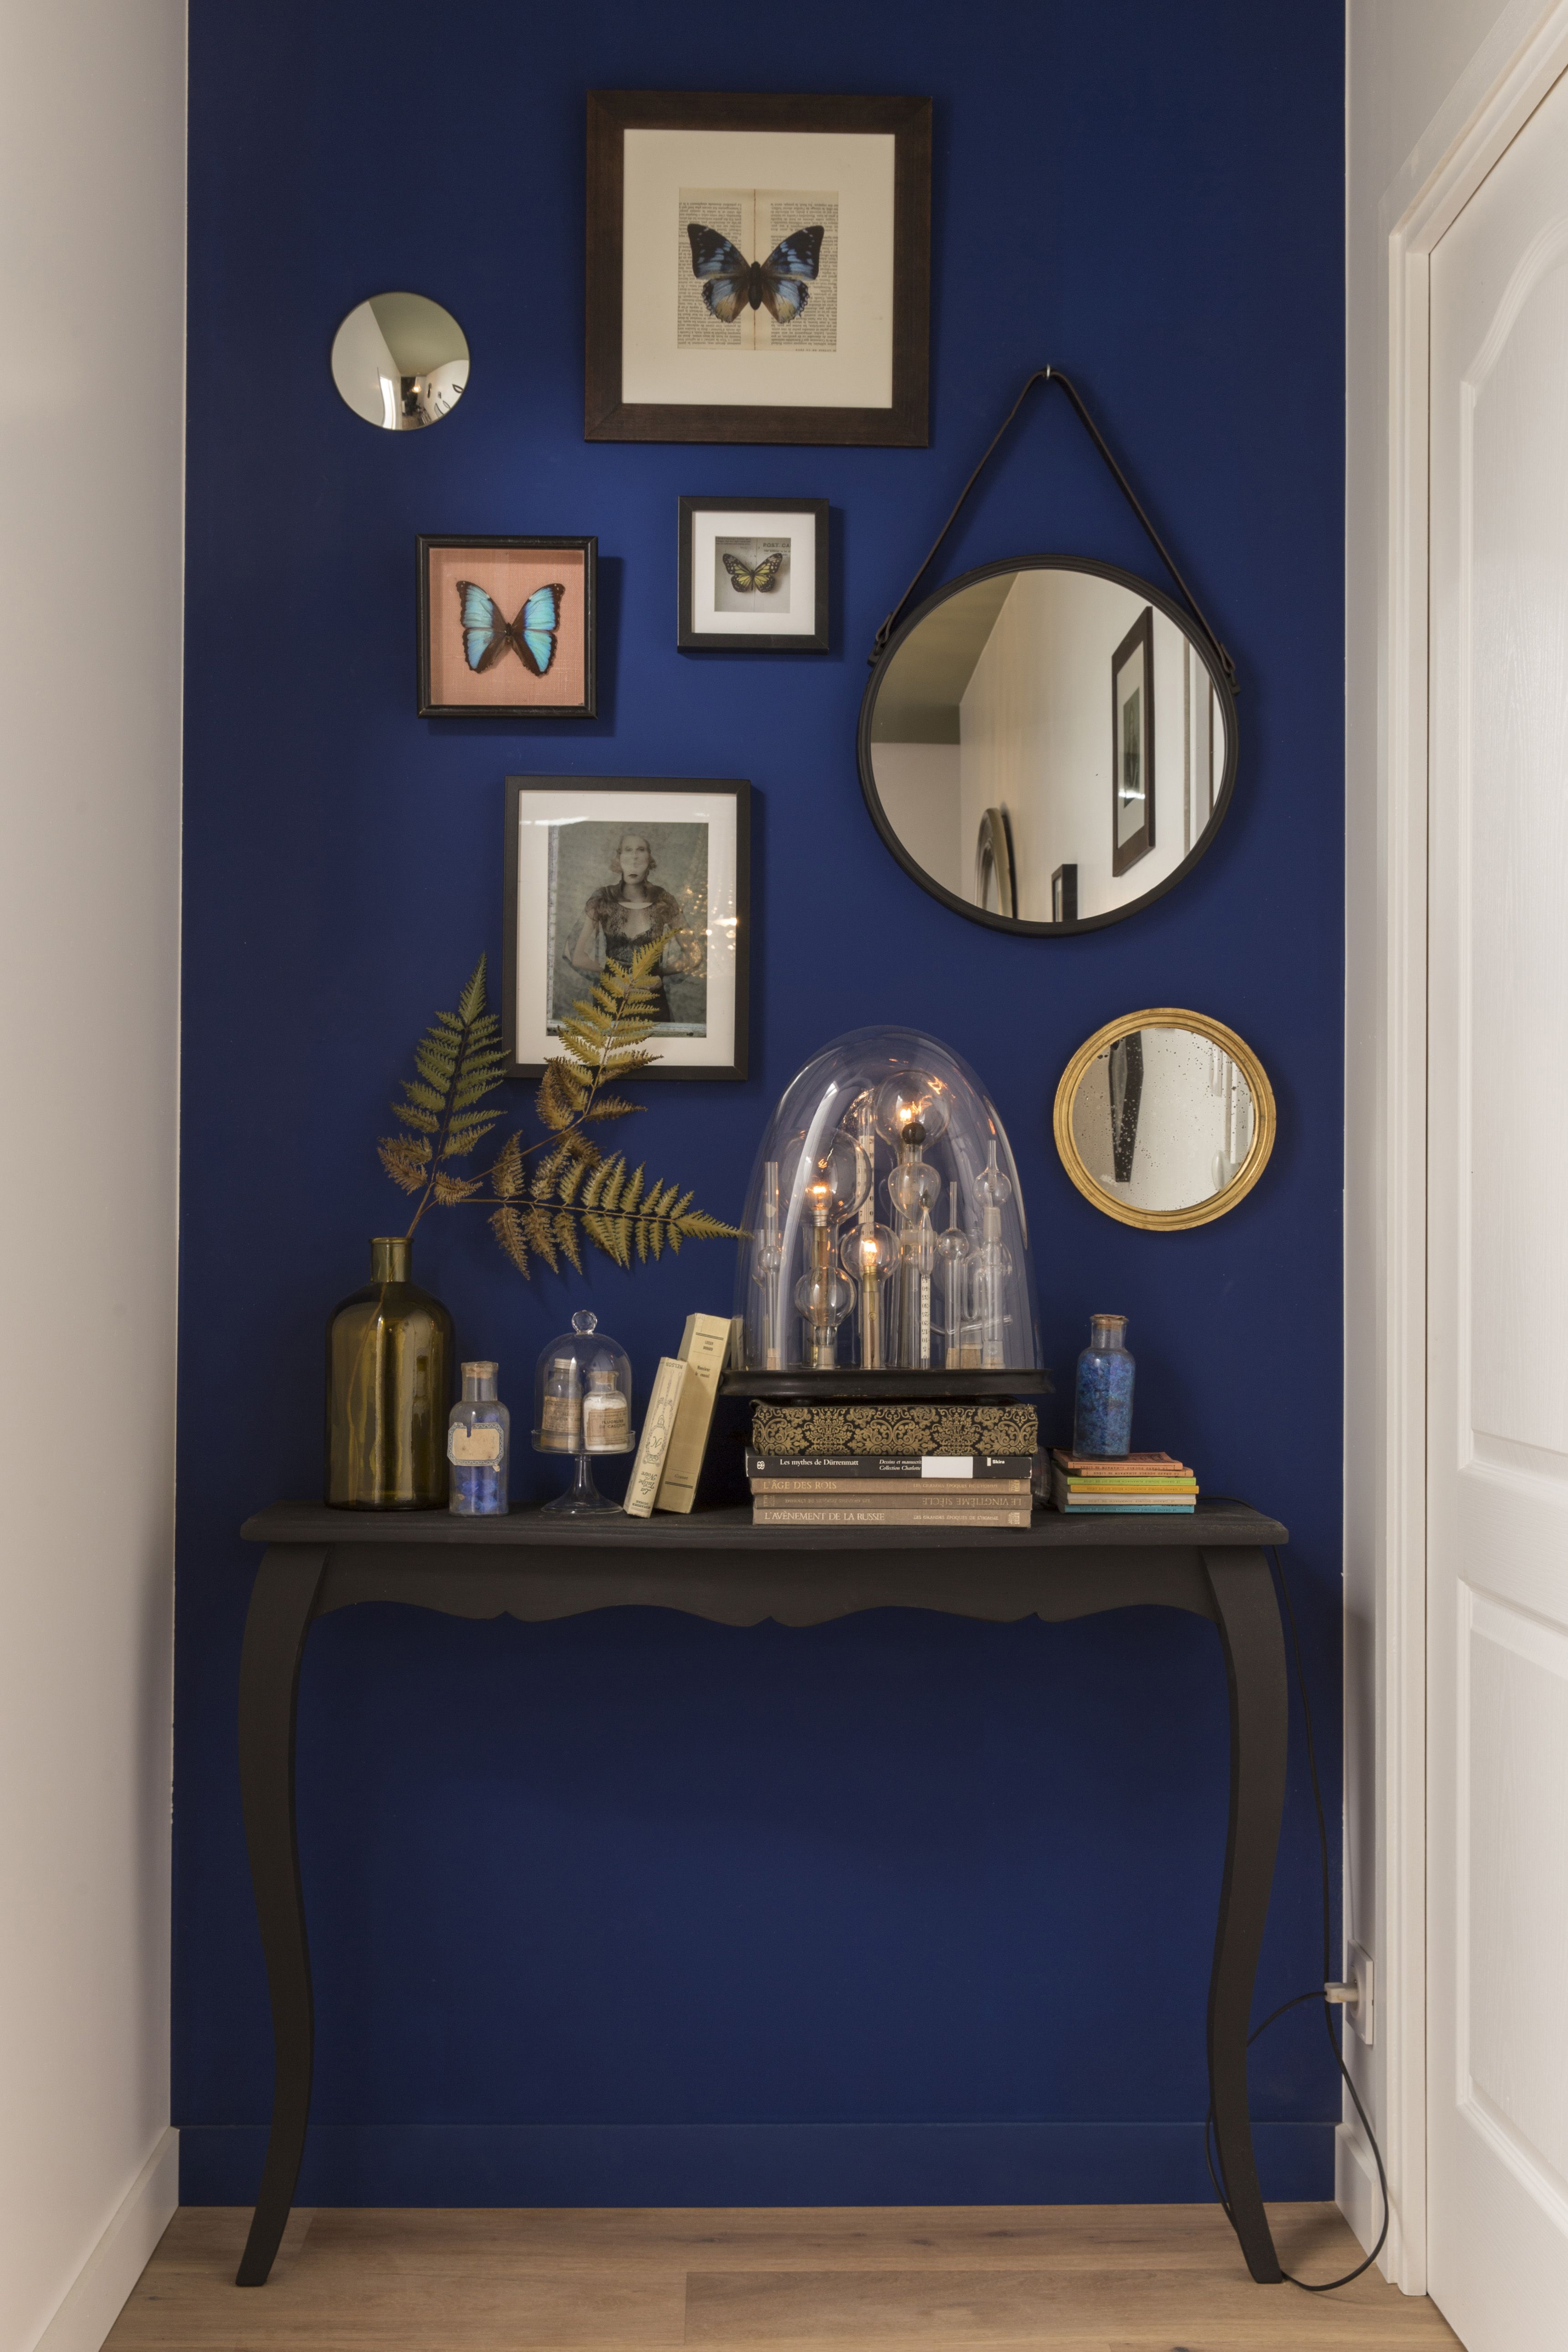 le couloir peut aussi être conçu comme un minisalon. un bel aplat de